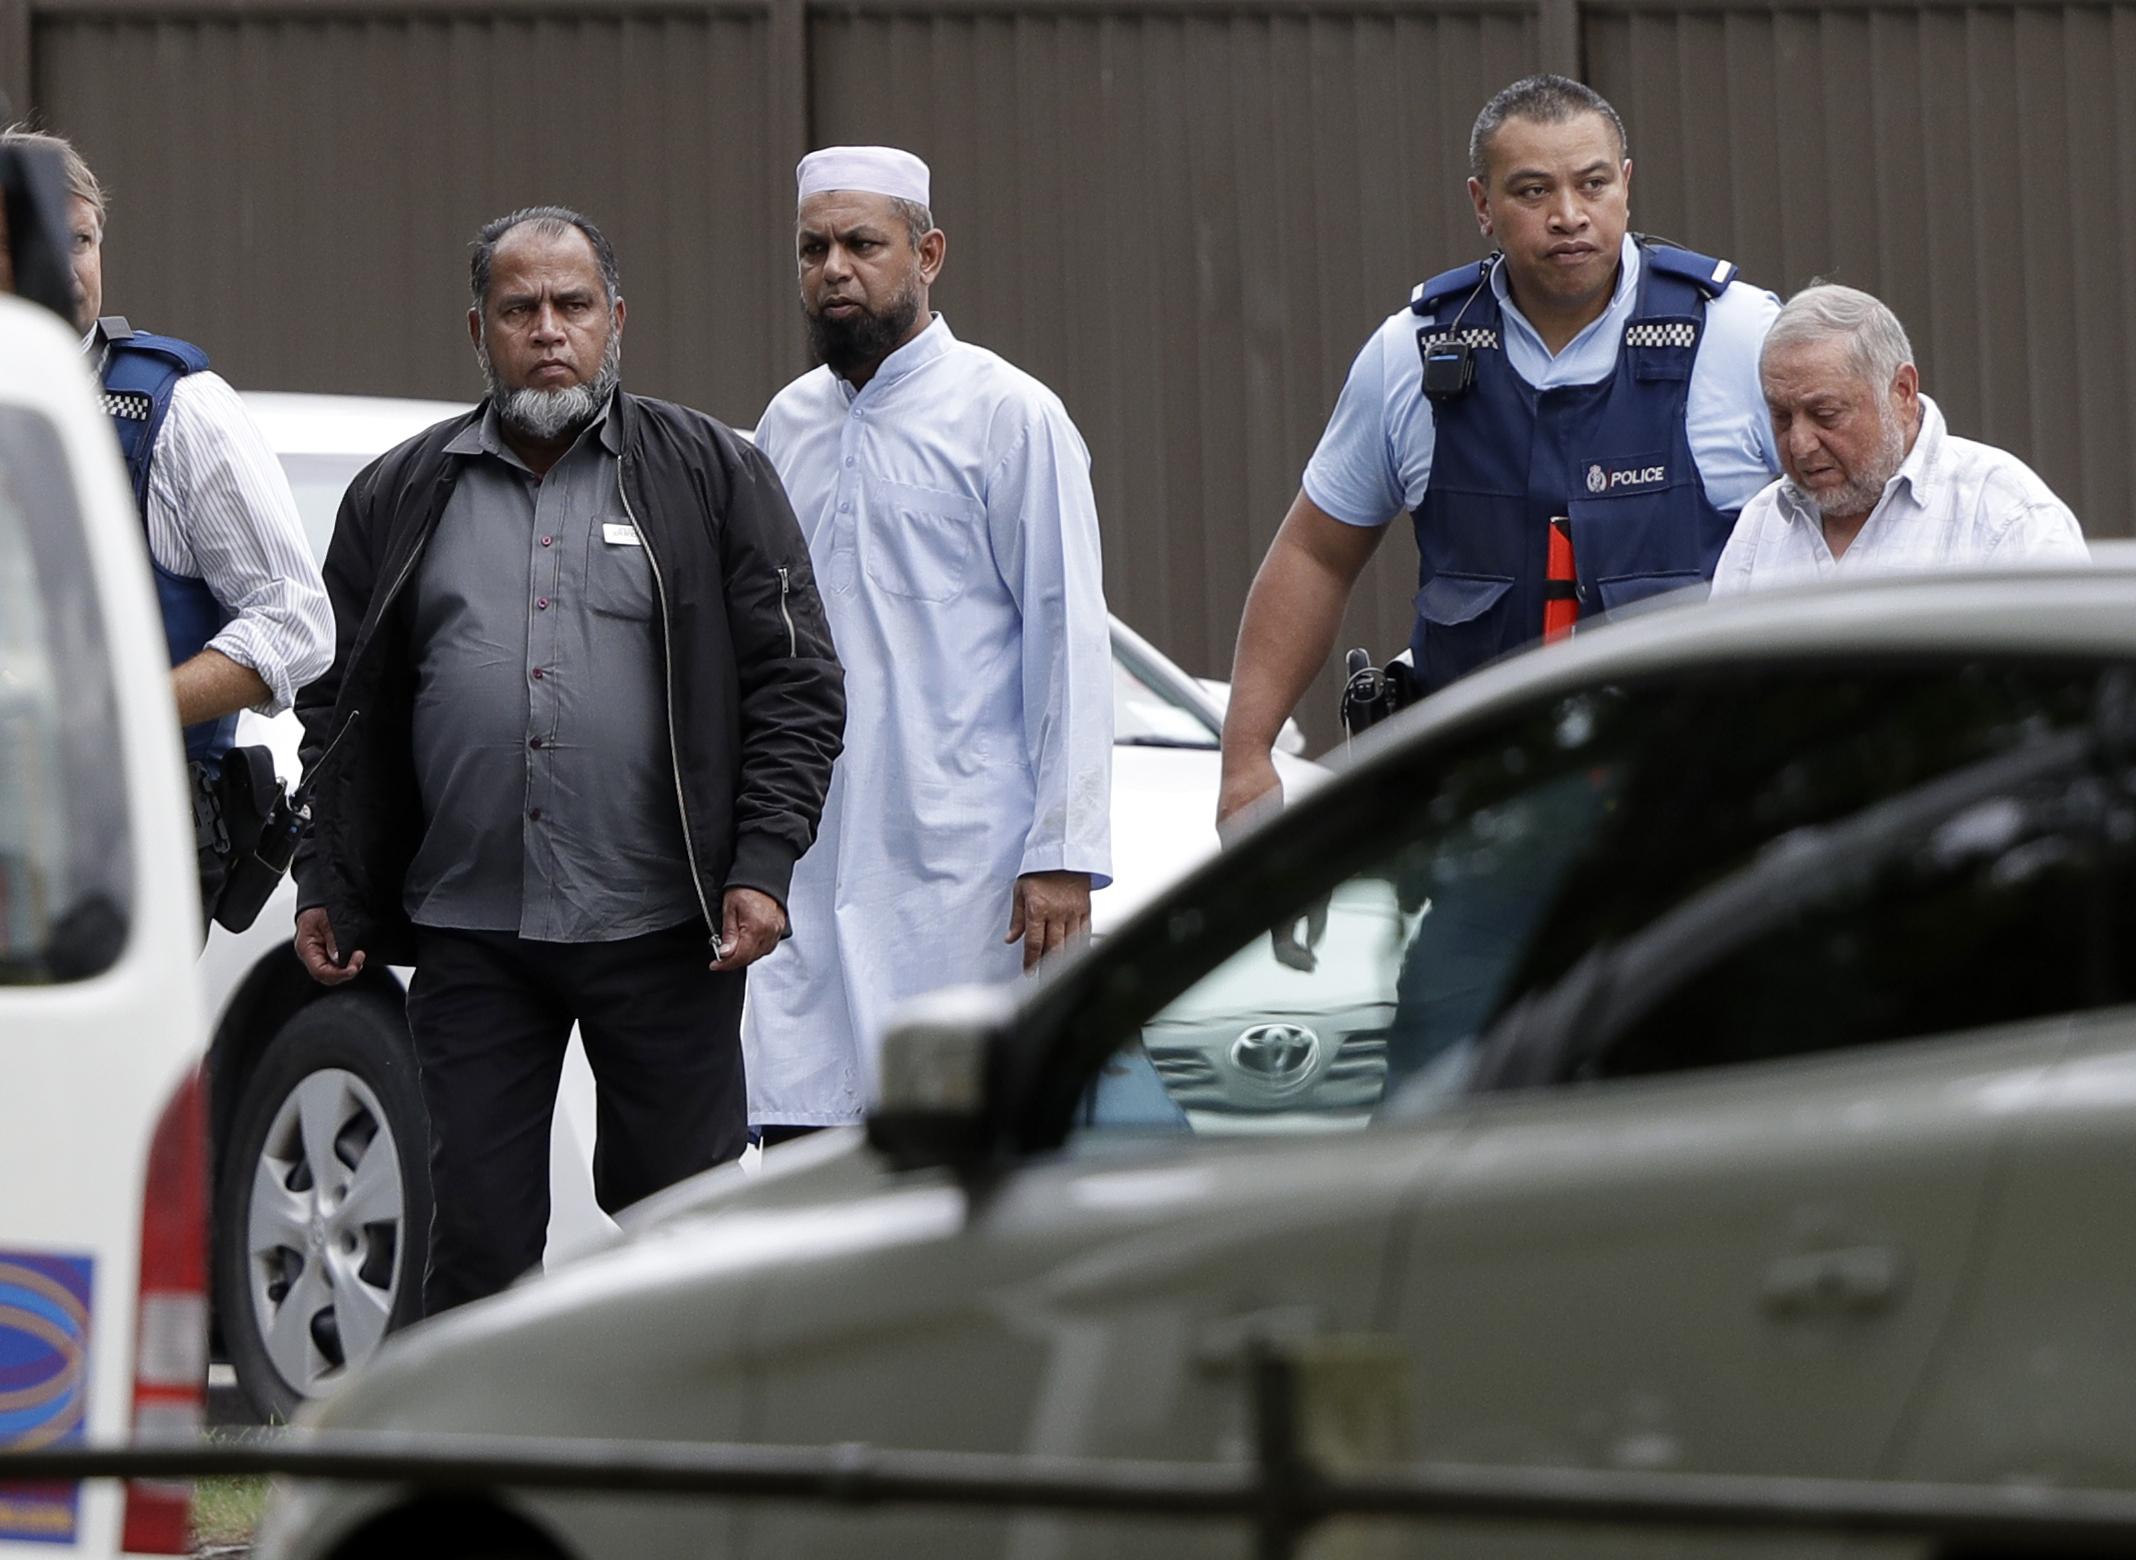 Mass Shooting Christchurch Video News: New Zealand Mass Shootings